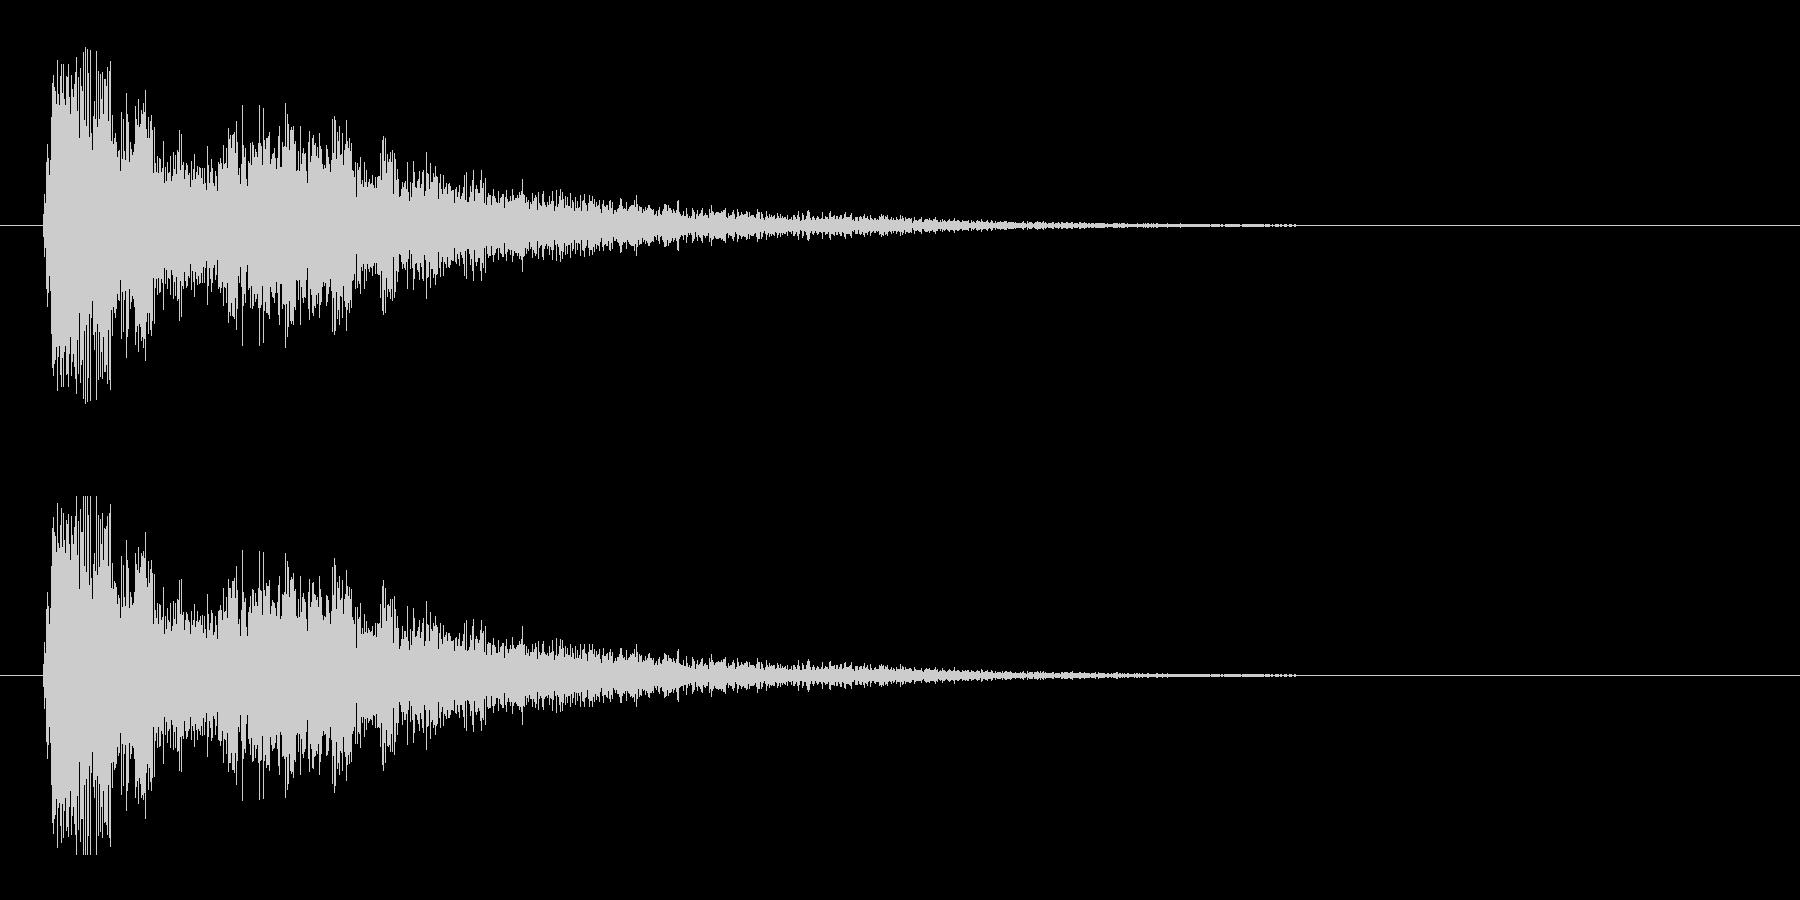 レーザー音-05-3の未再生の波形